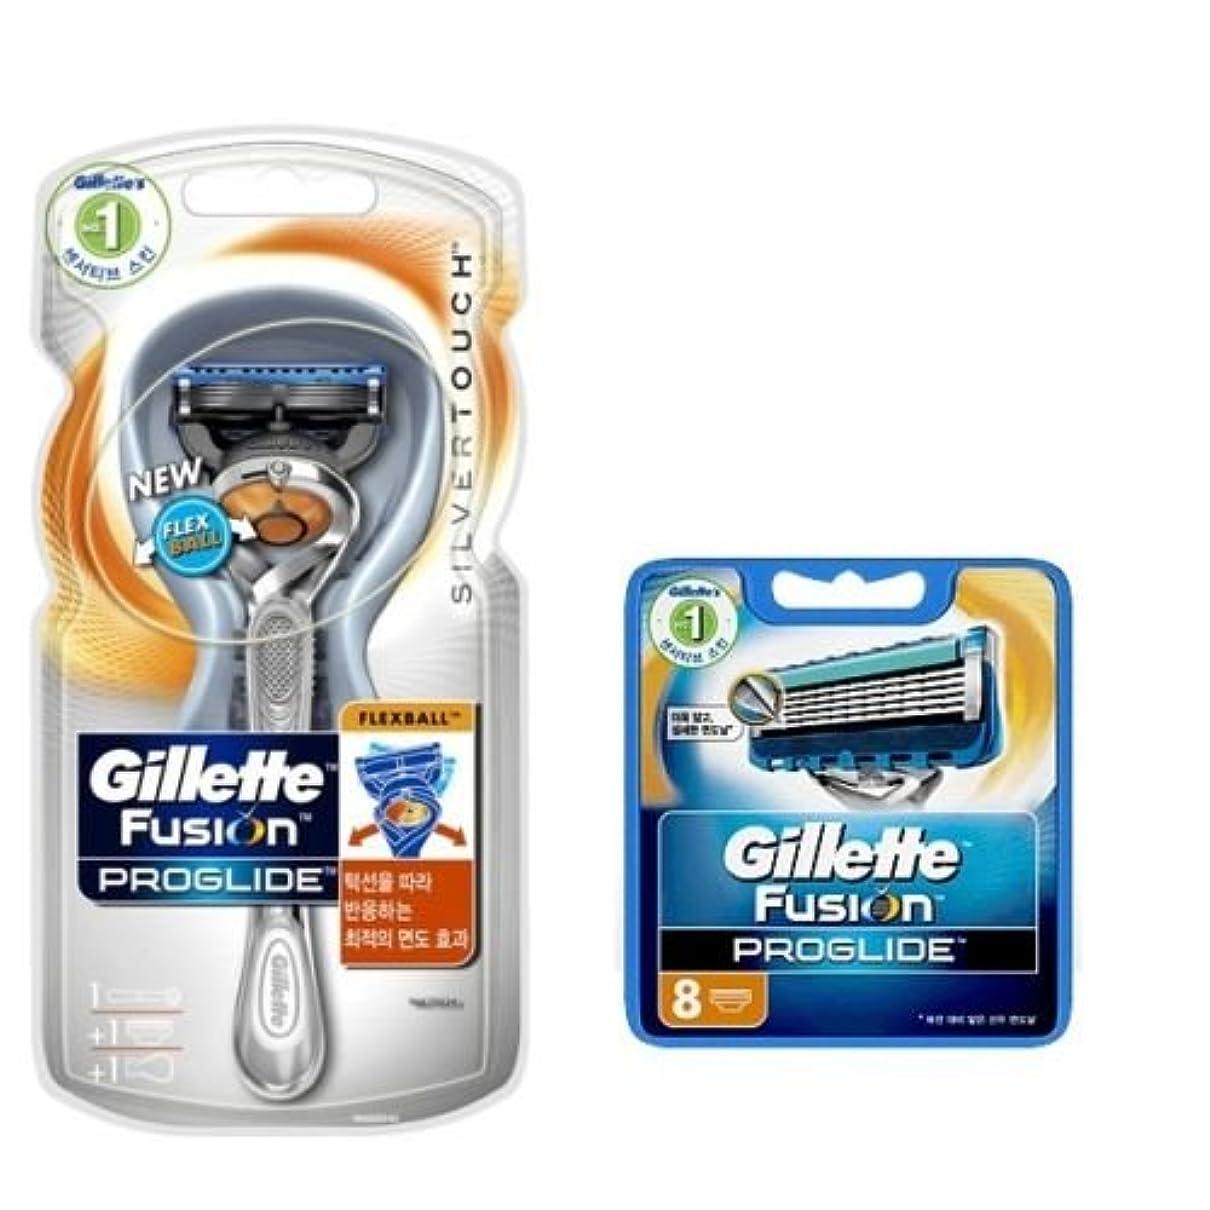 ビスケット怖がって死ぬ身元Gillette Fusion Proglide Flexball Manual SilverTouch 男子1カミソリ9カミソリ [並行輸入品]